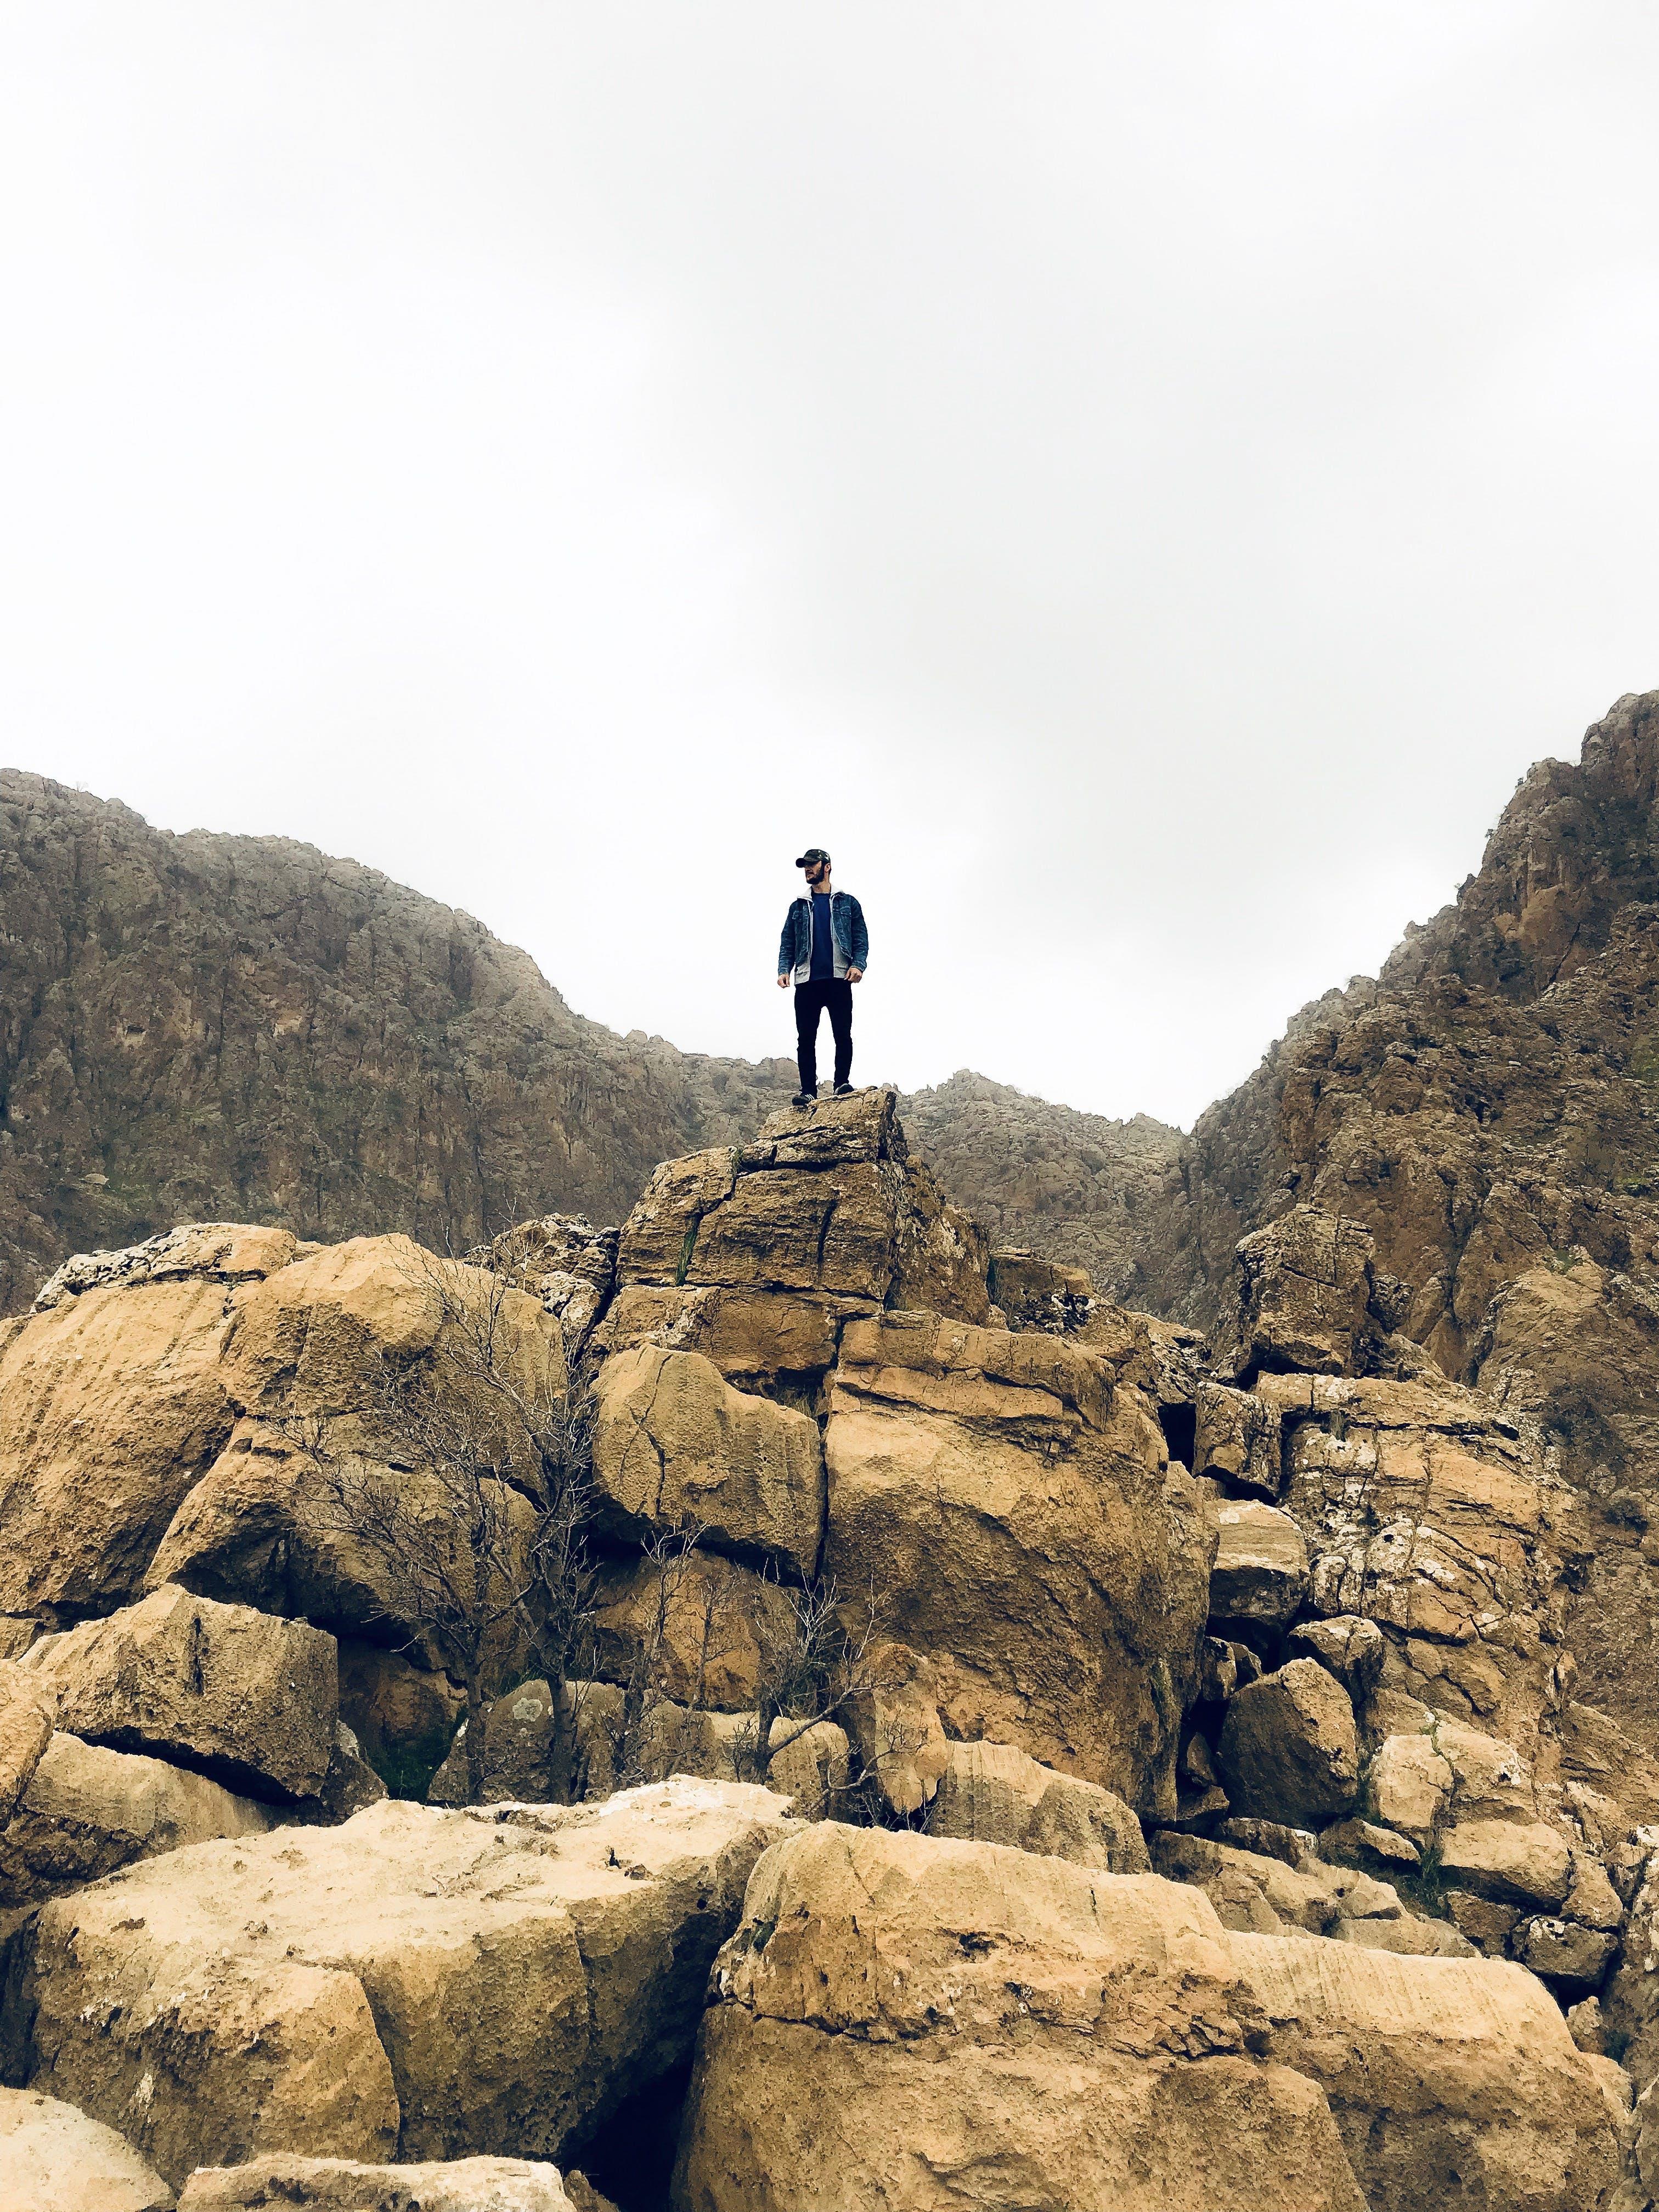 Бесплатное стоковое фото с активный отдых, альпинизм, Взрослый, восходить